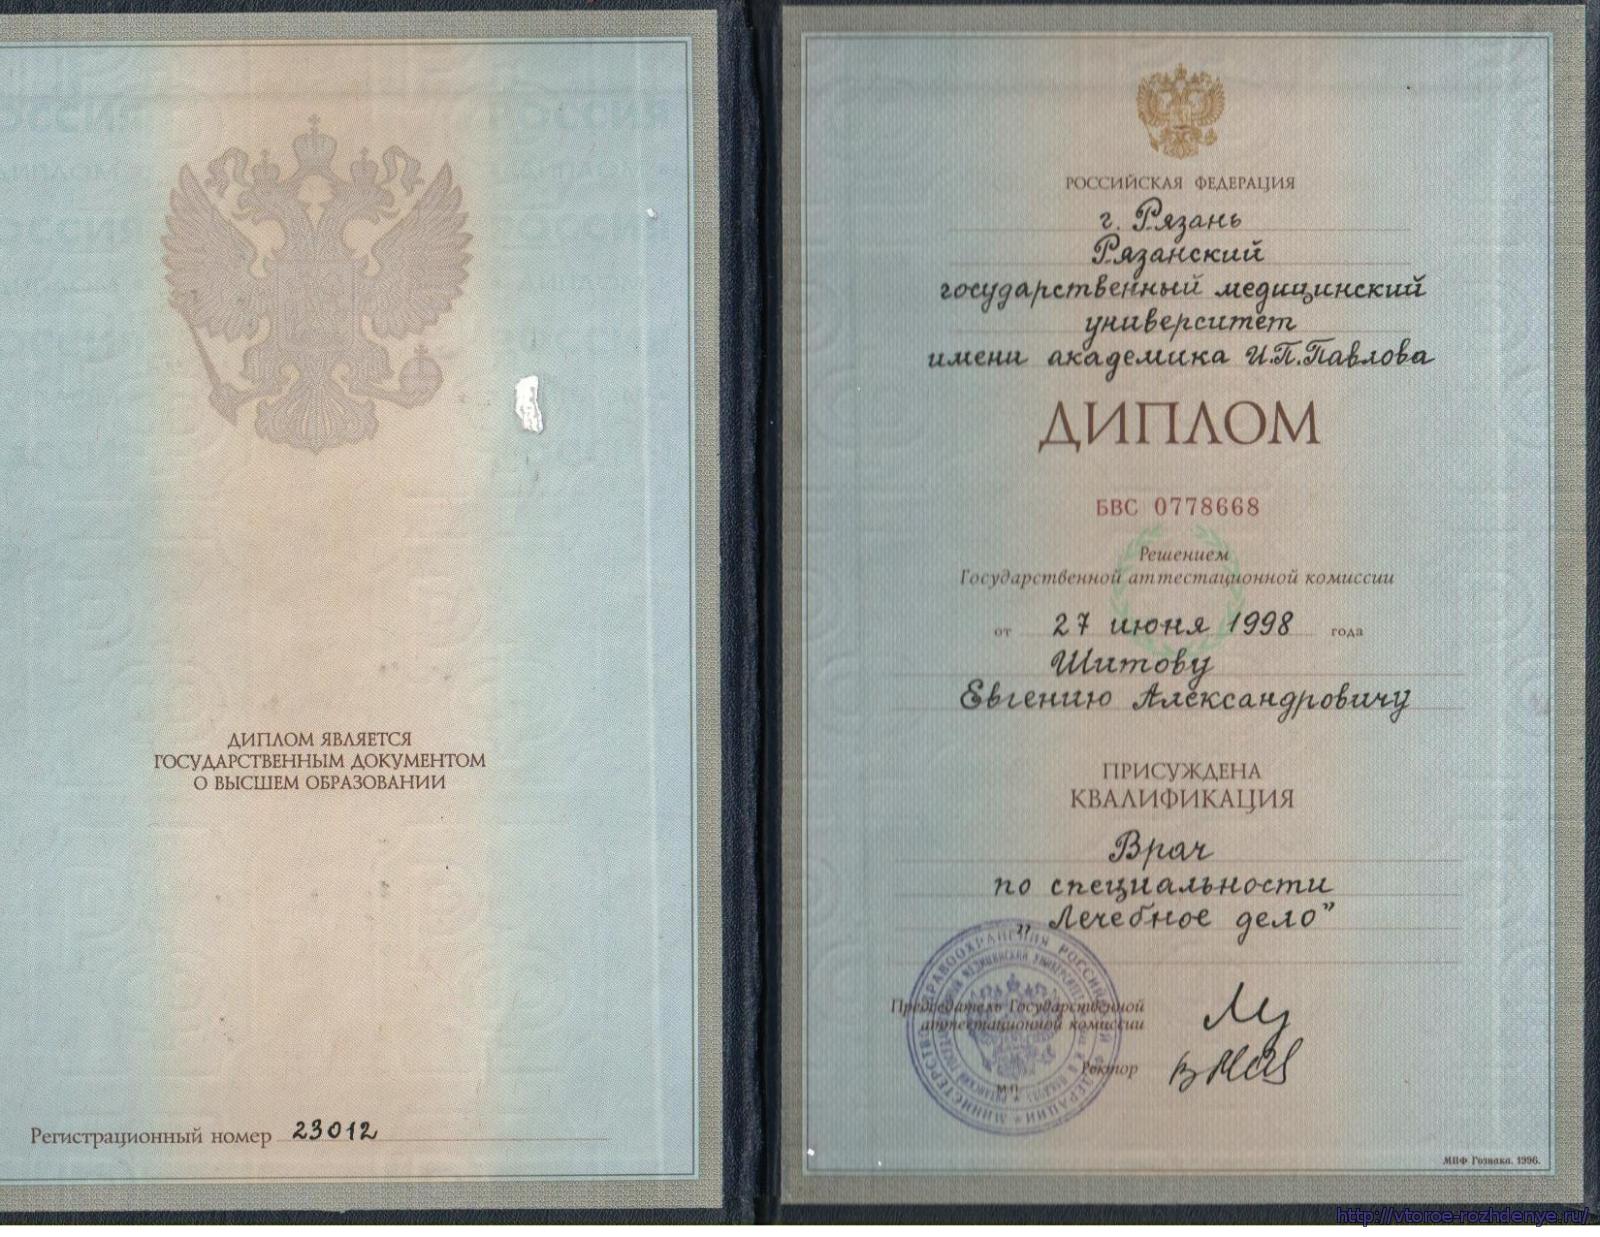 Сертификаты психолога и психотерапевта на право оказания  диплом врача · 19 10 2015 скан диплома о высшем медицинском образовании диплом врача evgendoktor